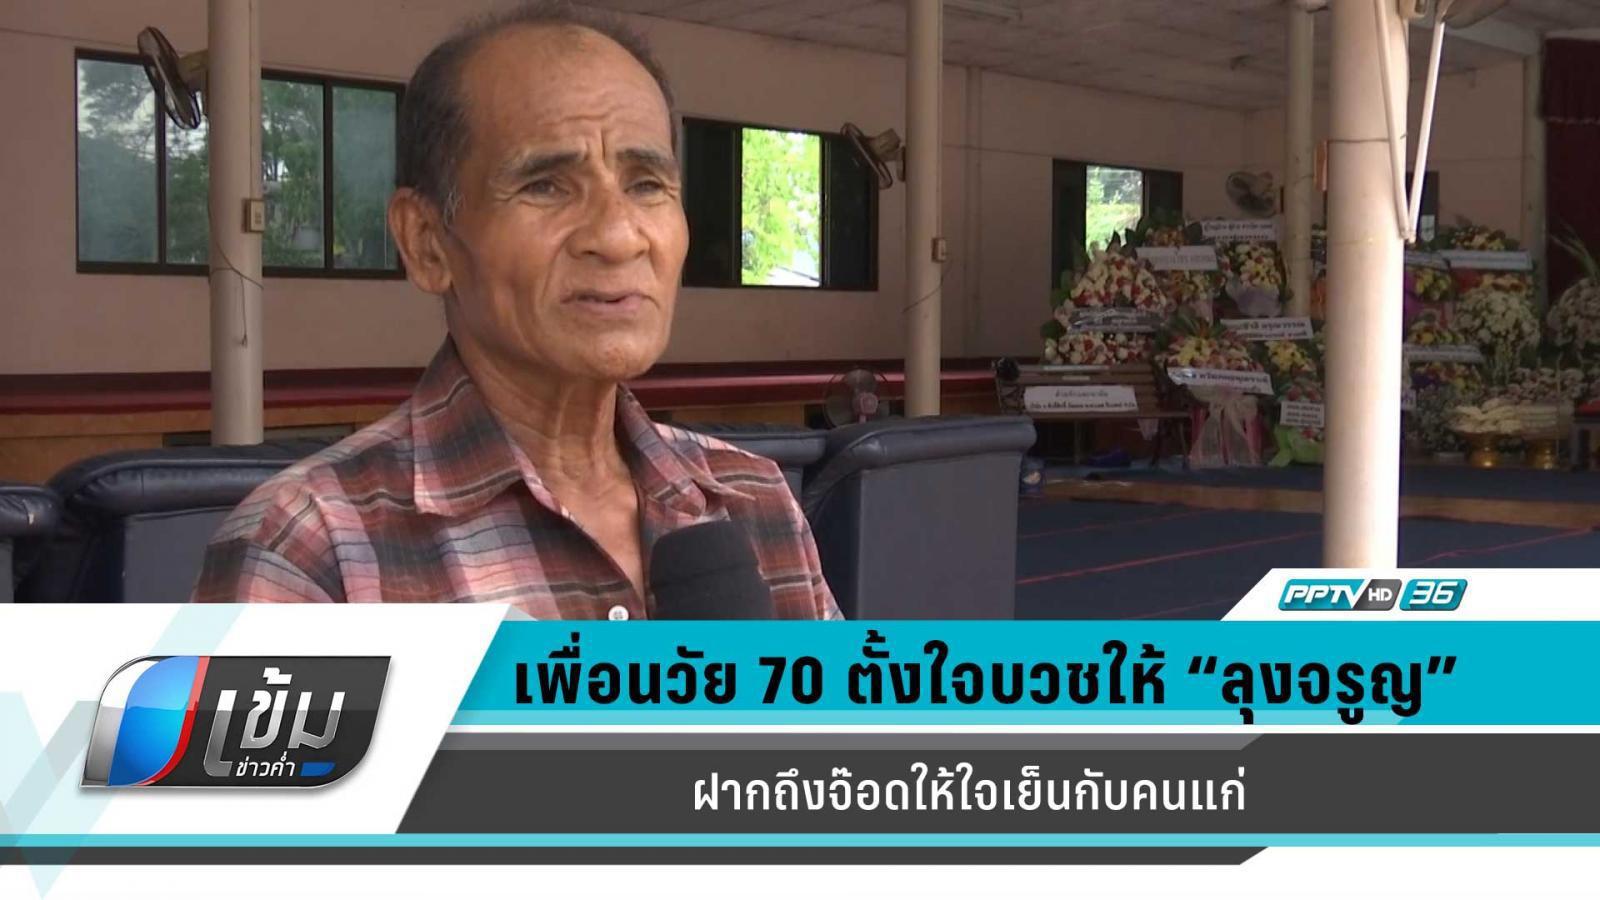 """เพื่อนลุงซาเล้ง วัย 70 ปีขี่ซาเล้งจากห้วยขวางถึงอยุธยา ตั้งใจบวชให้ """"ลุงจรูญ"""""""